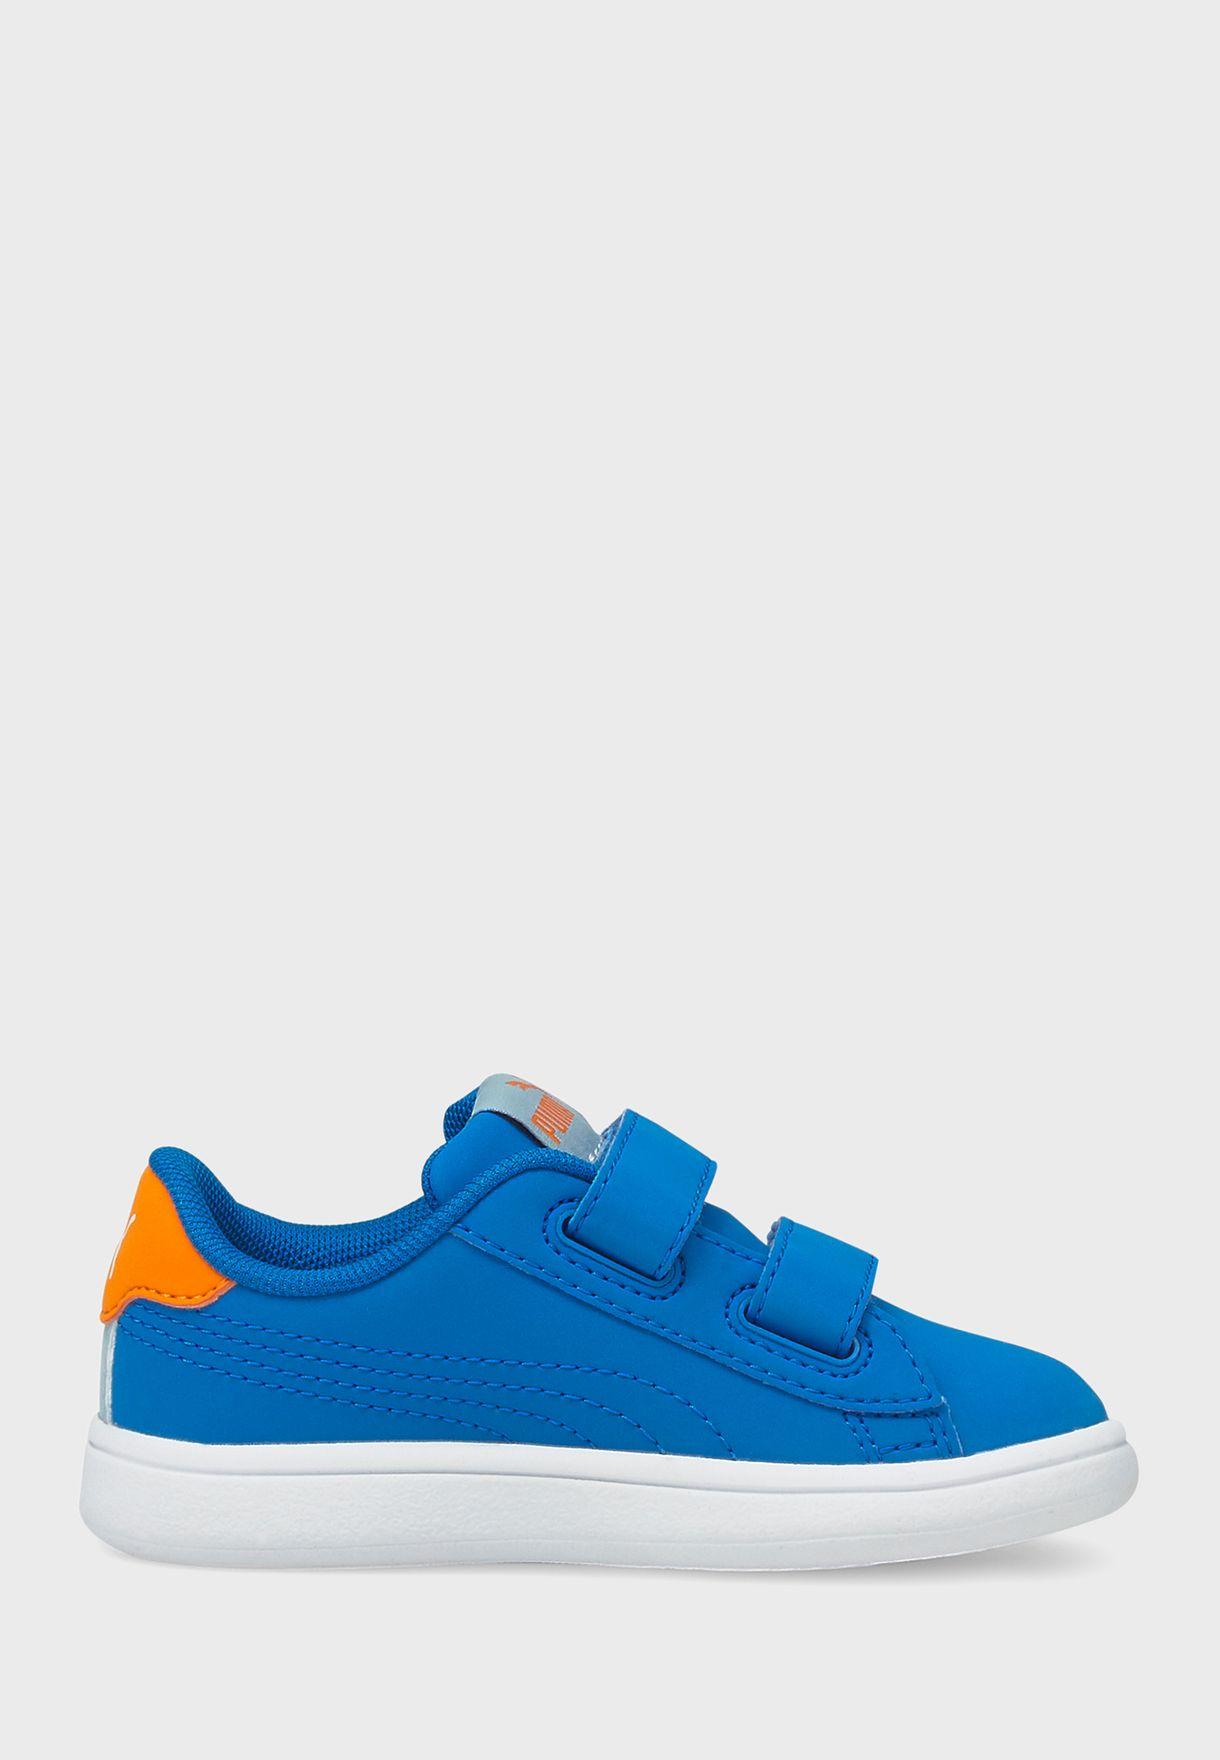 حذاء سماش في 2 للبيبي